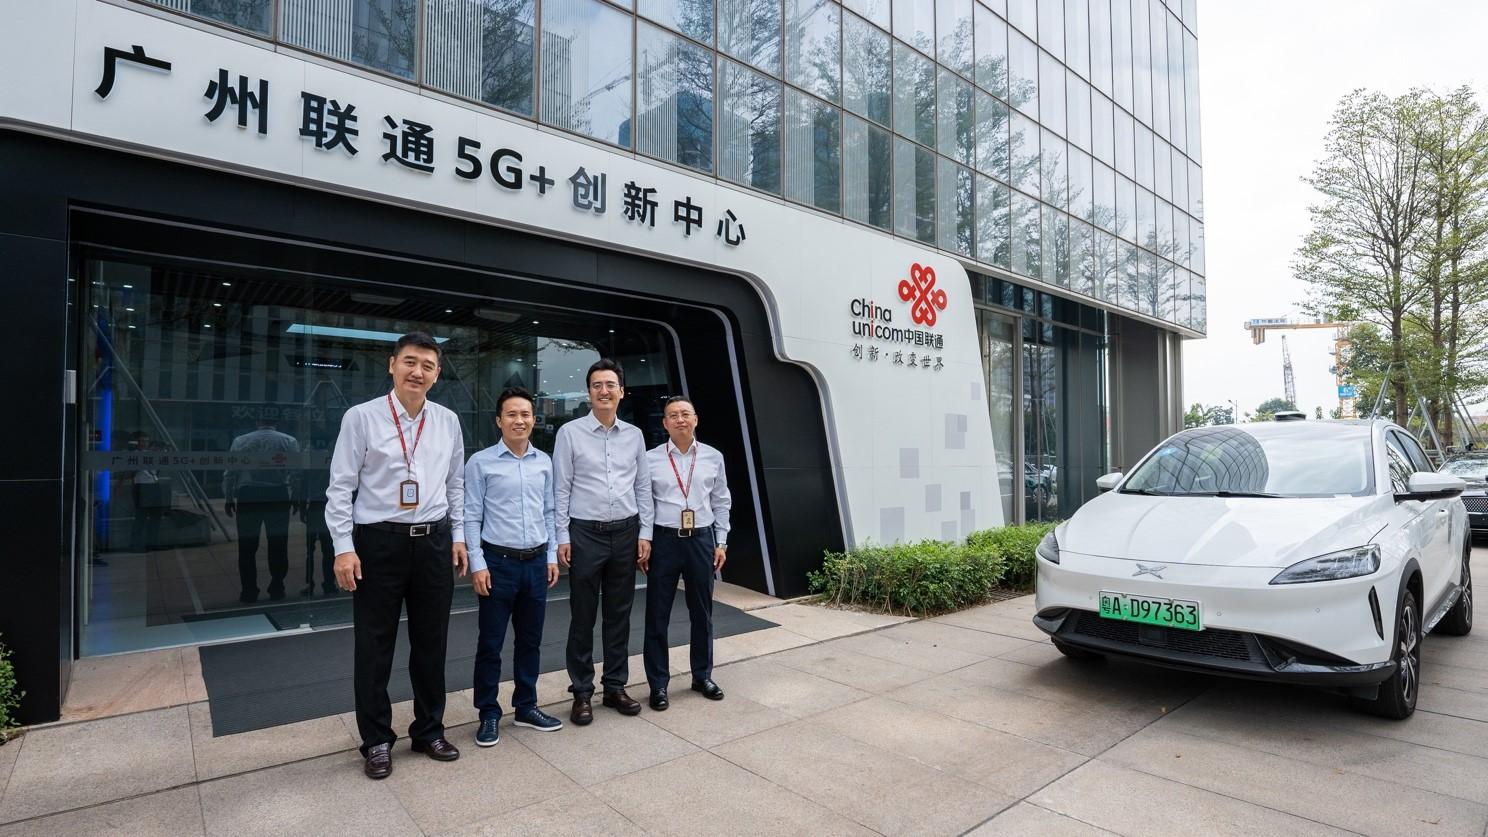 小鹏汽车与中国联通广州市分公司达成战略合作